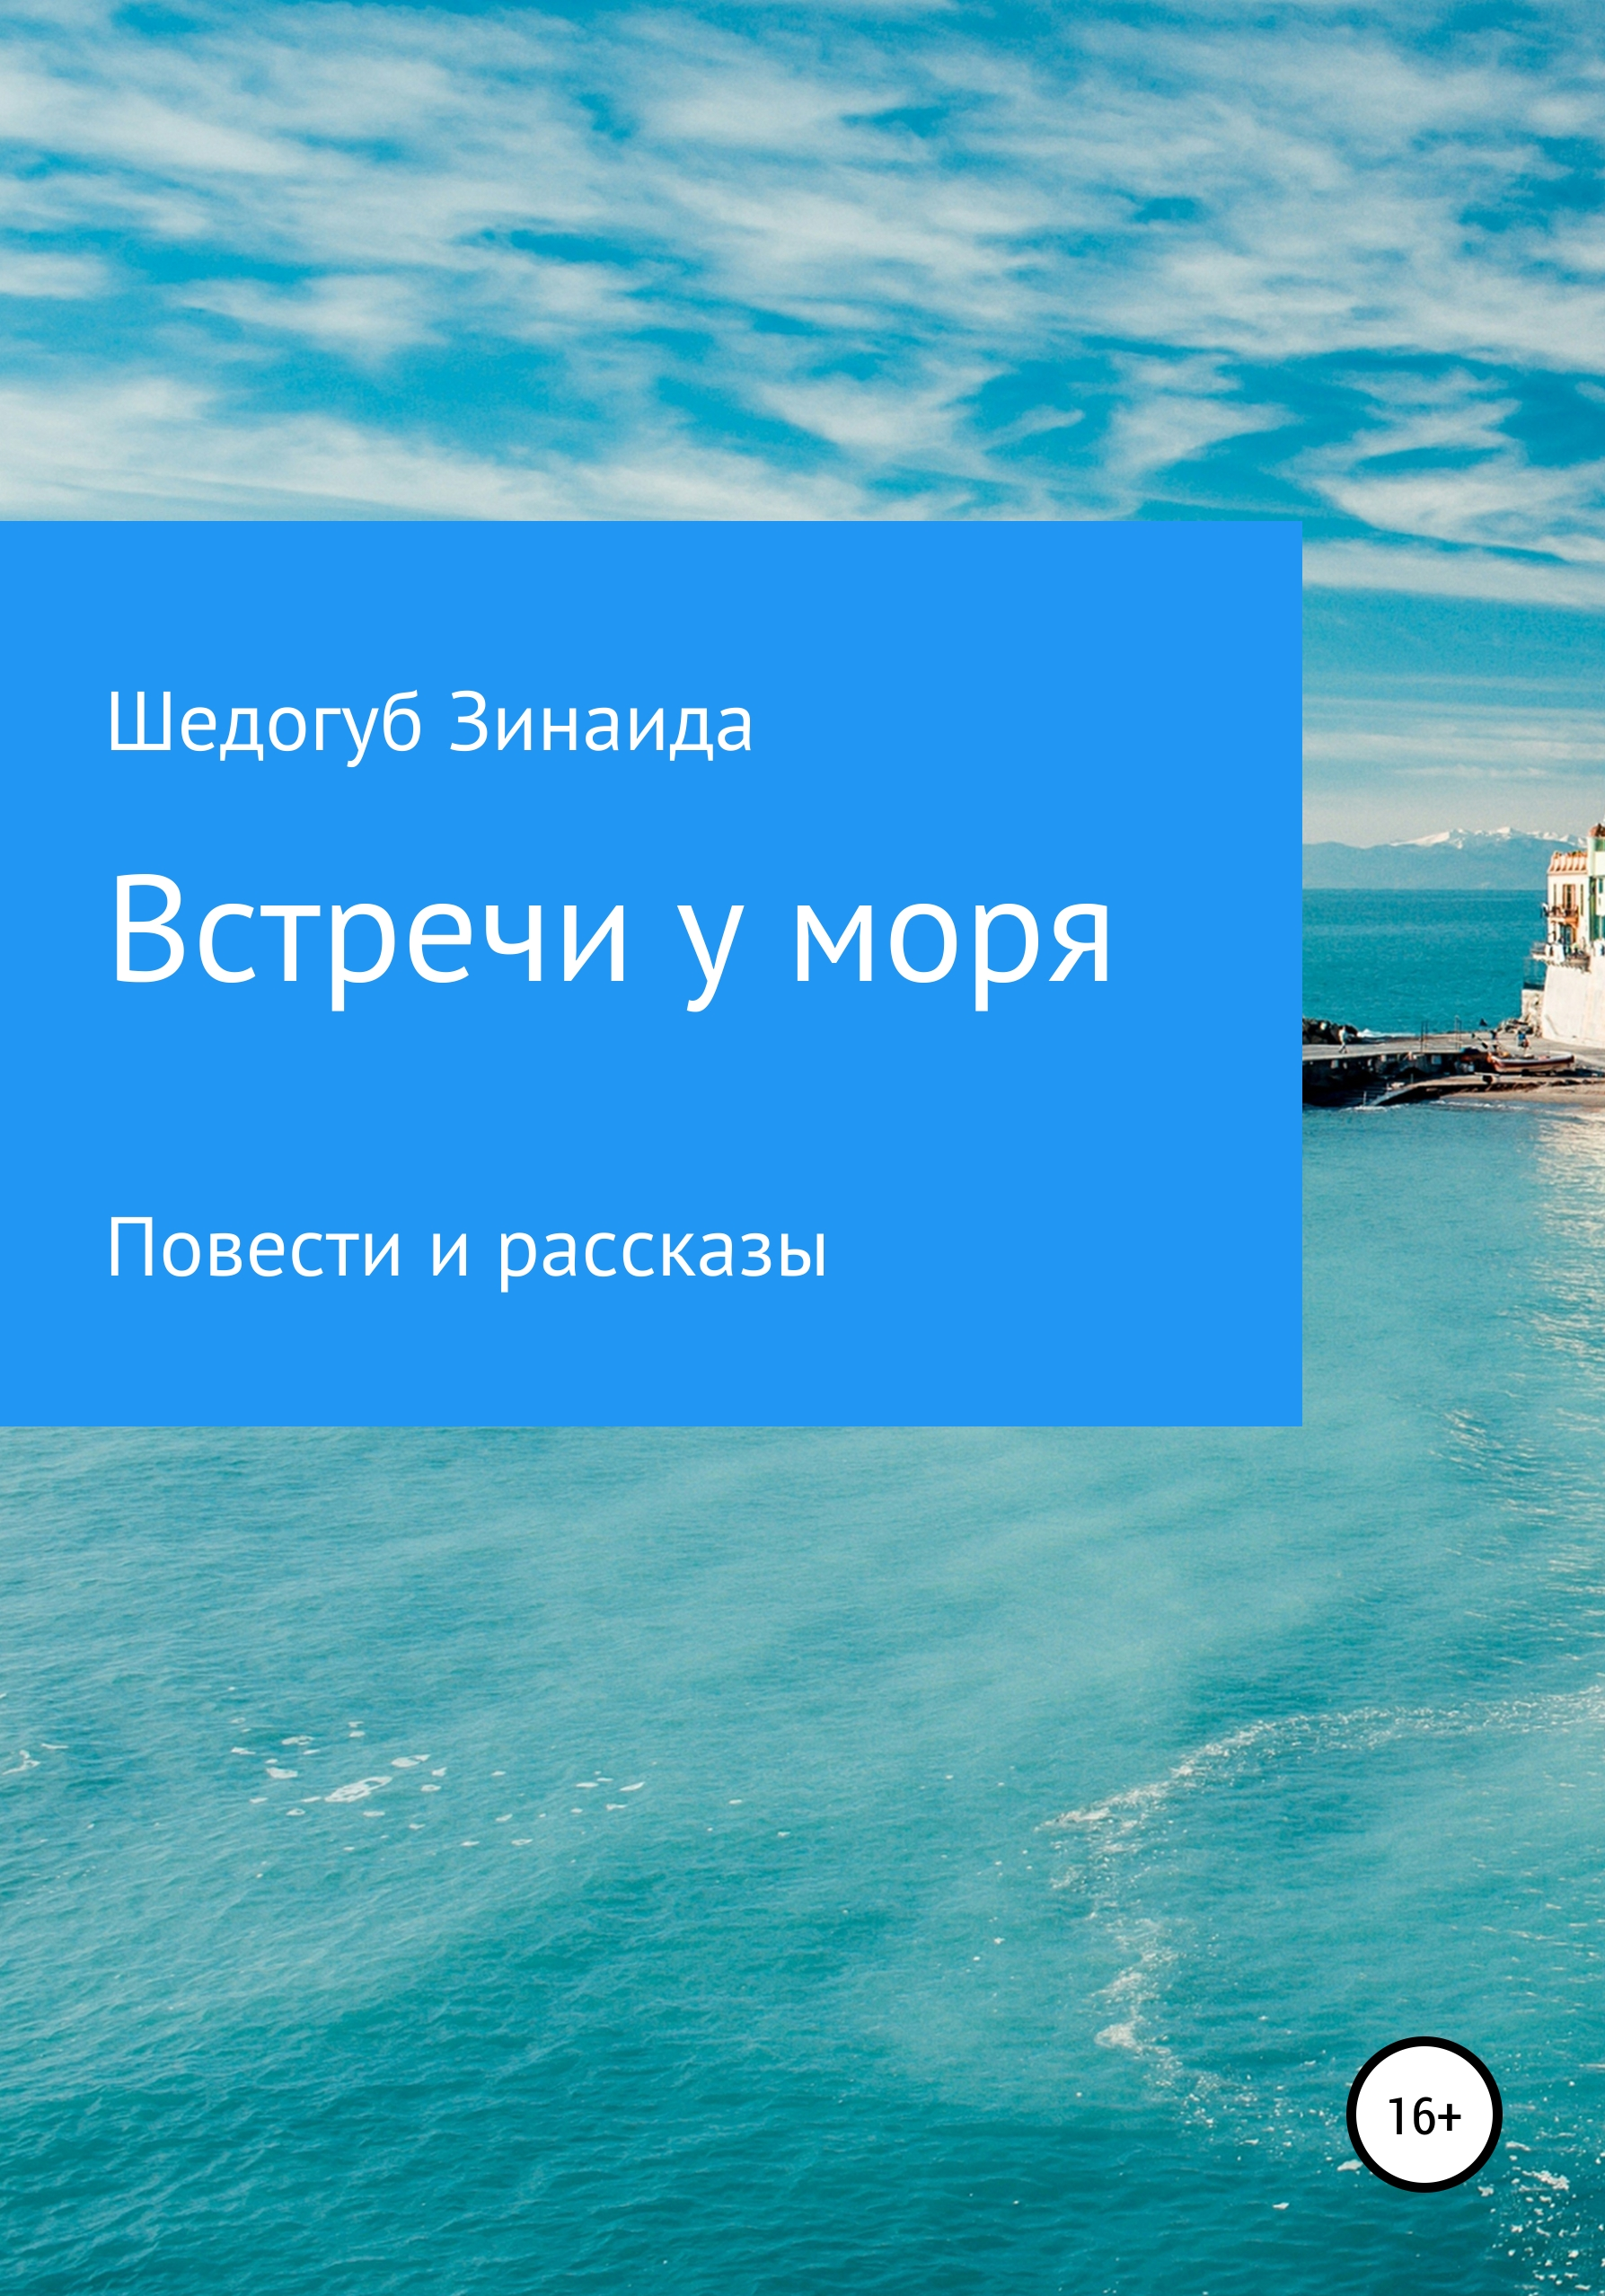 Купить книгу Встречи у моря, автора Зинаиды Ивановны Шедогуб